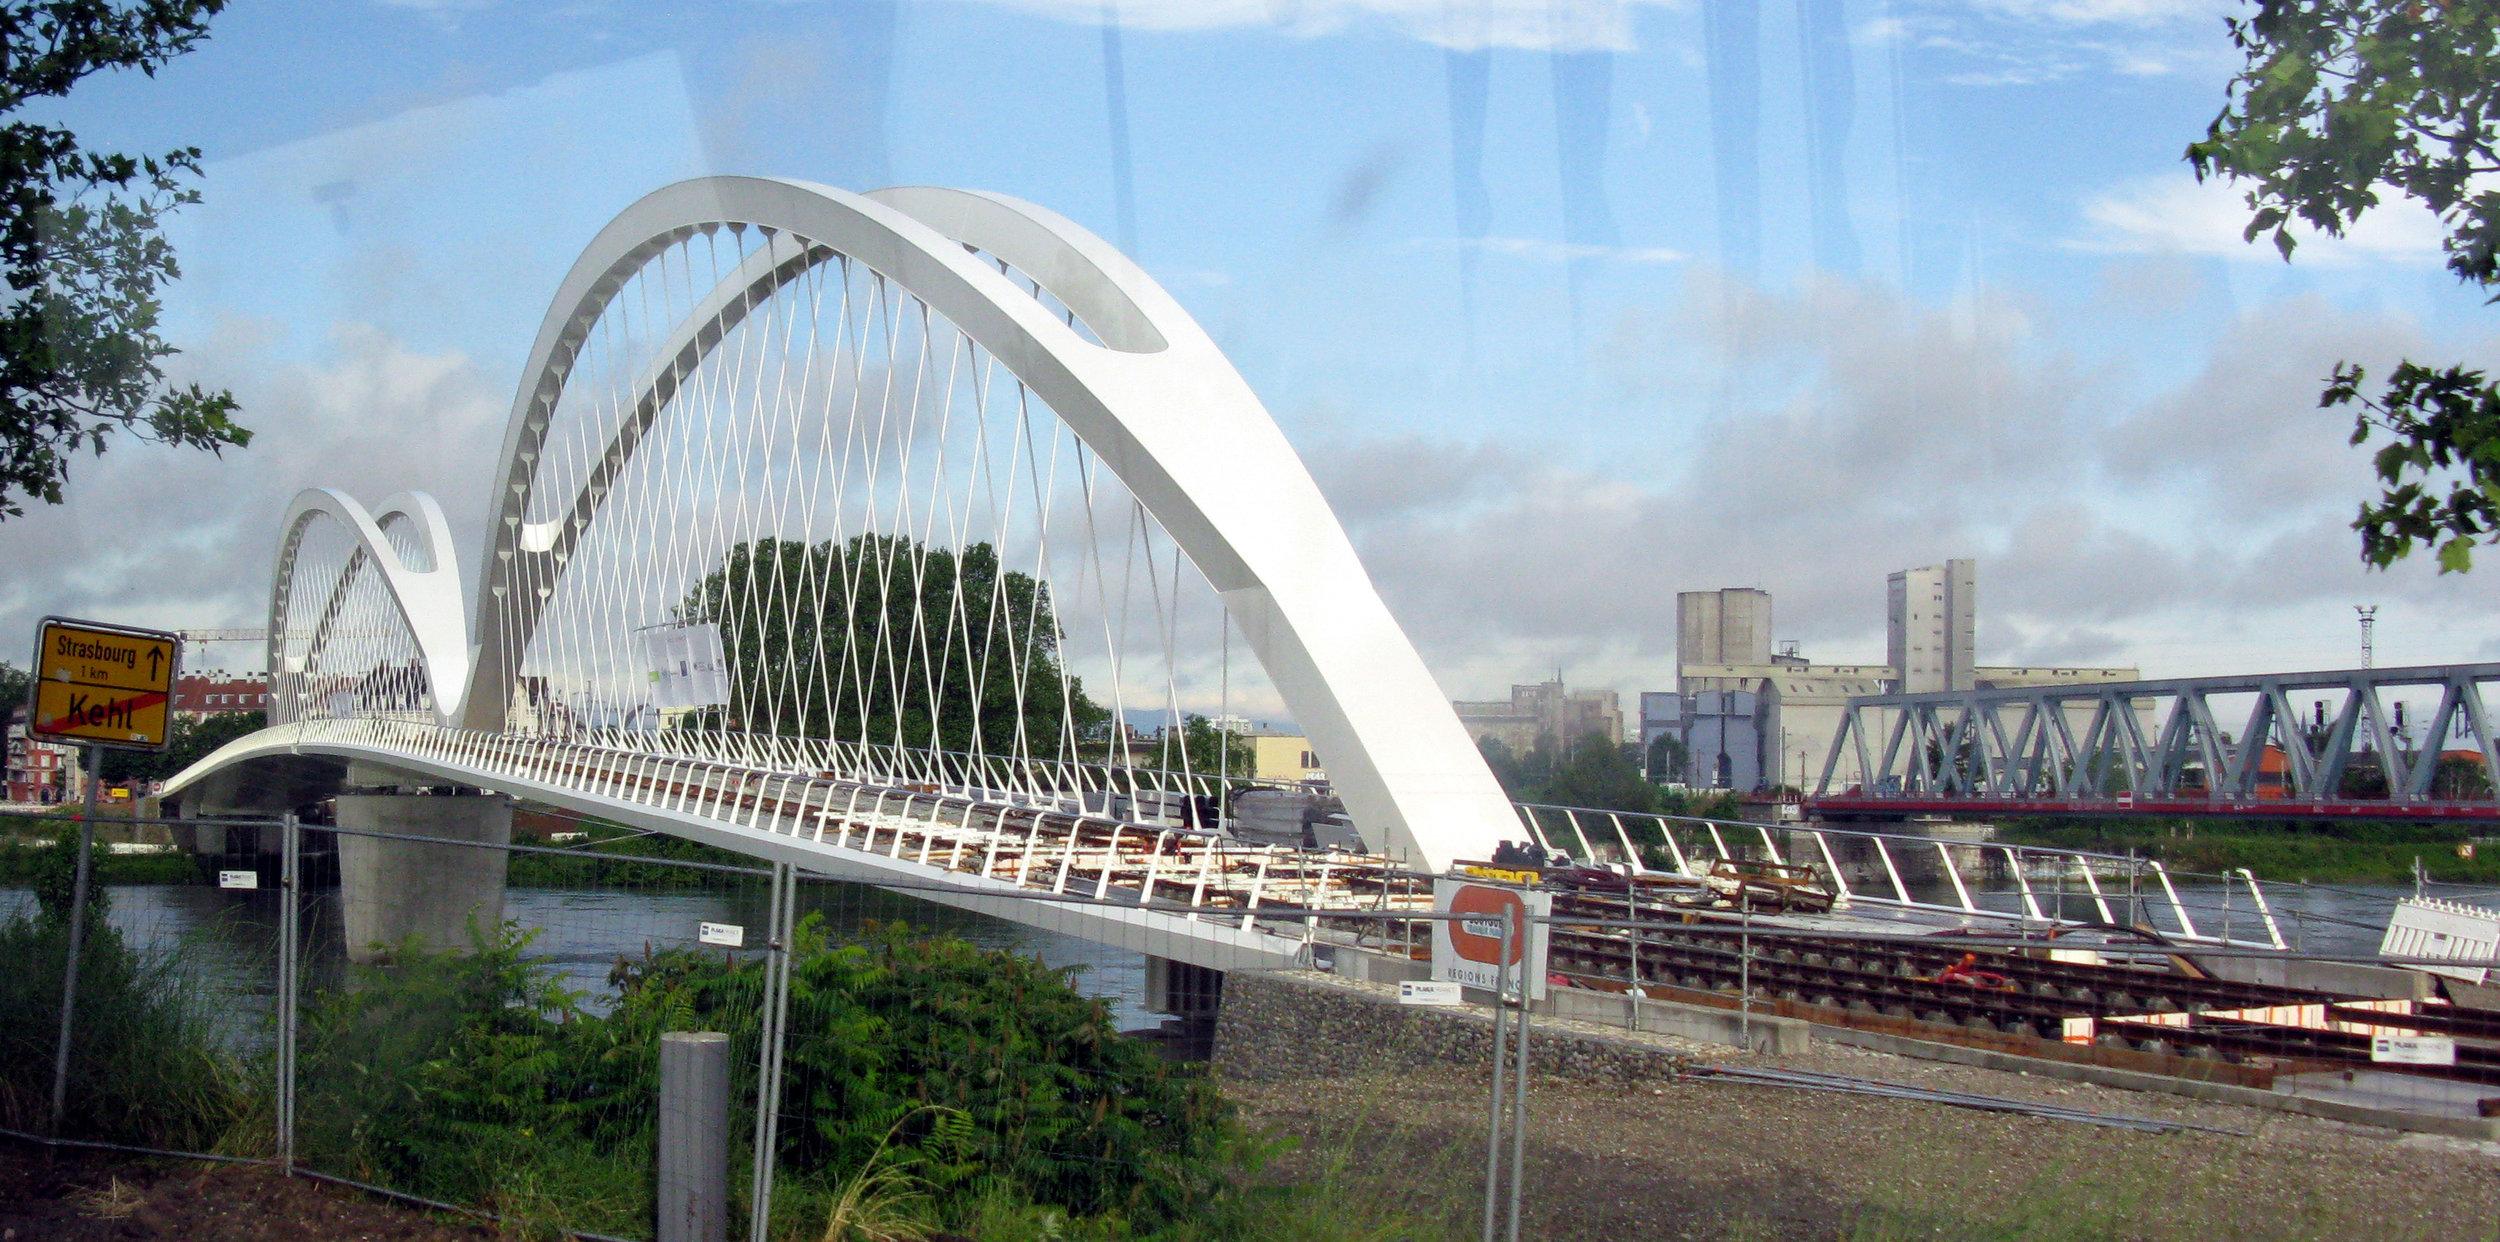 Významným prvkem nové tramvajové tratě je také nový most francouzského architekta Marca Baraniho. (zdroj: Wikipedia.de)